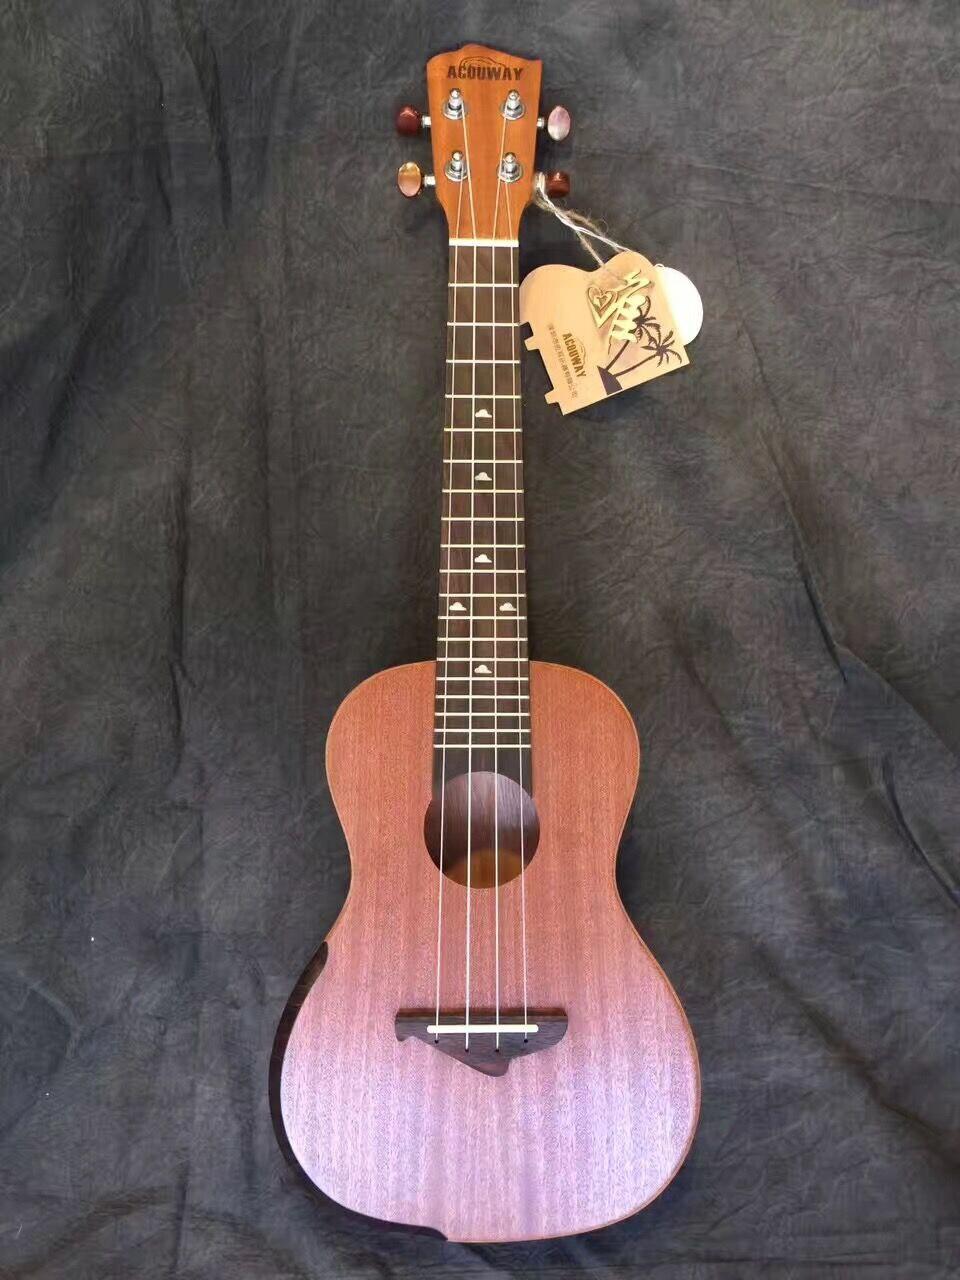 Acouway Ukulele Soprano Concert Ukulele 21 23 inch Sapeli wood uku Ukelele Hawaii guitar Stringed Musical Instrument<br>